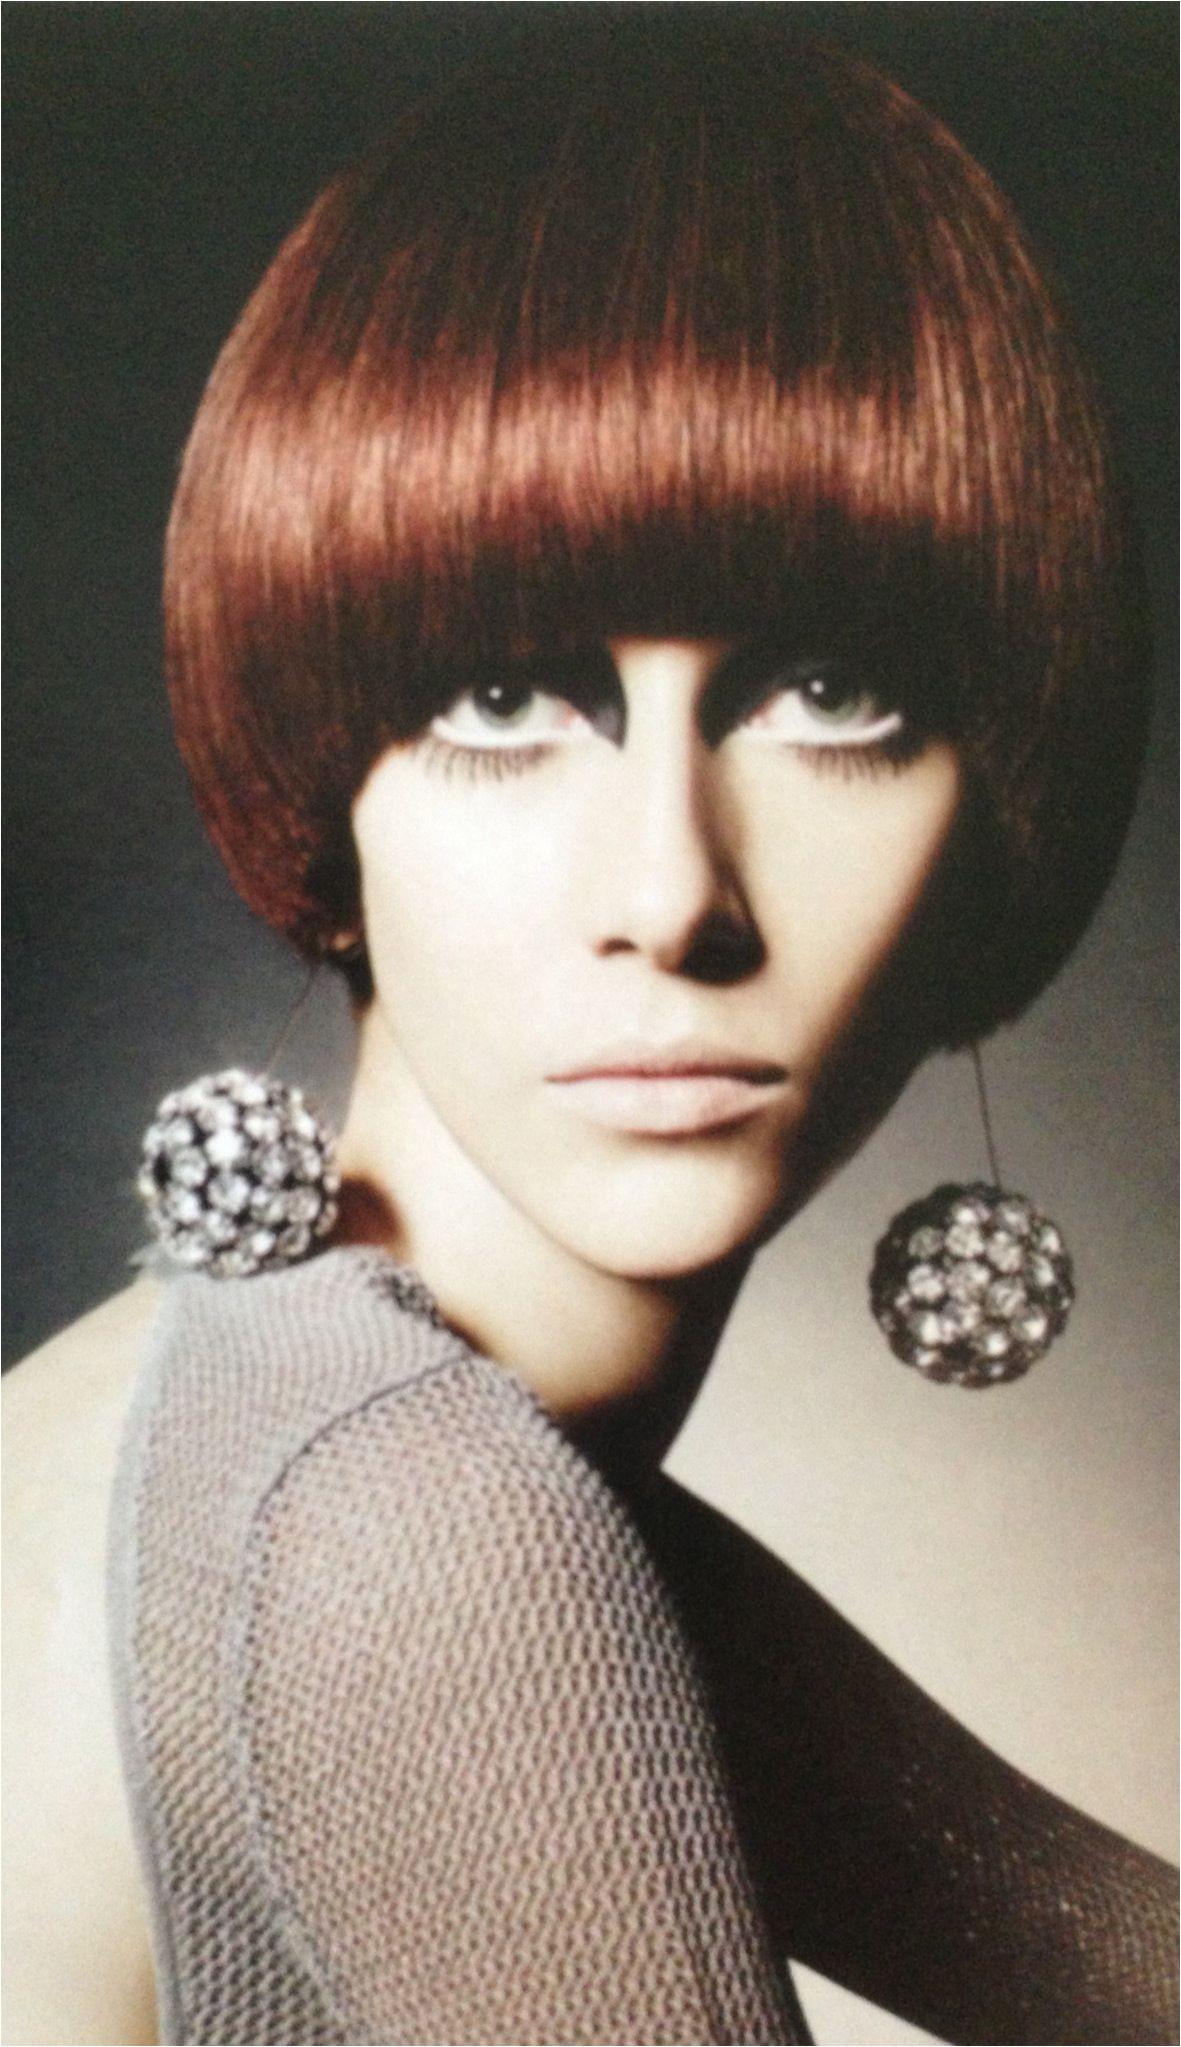 1960 s Mod Hair & Makeup round